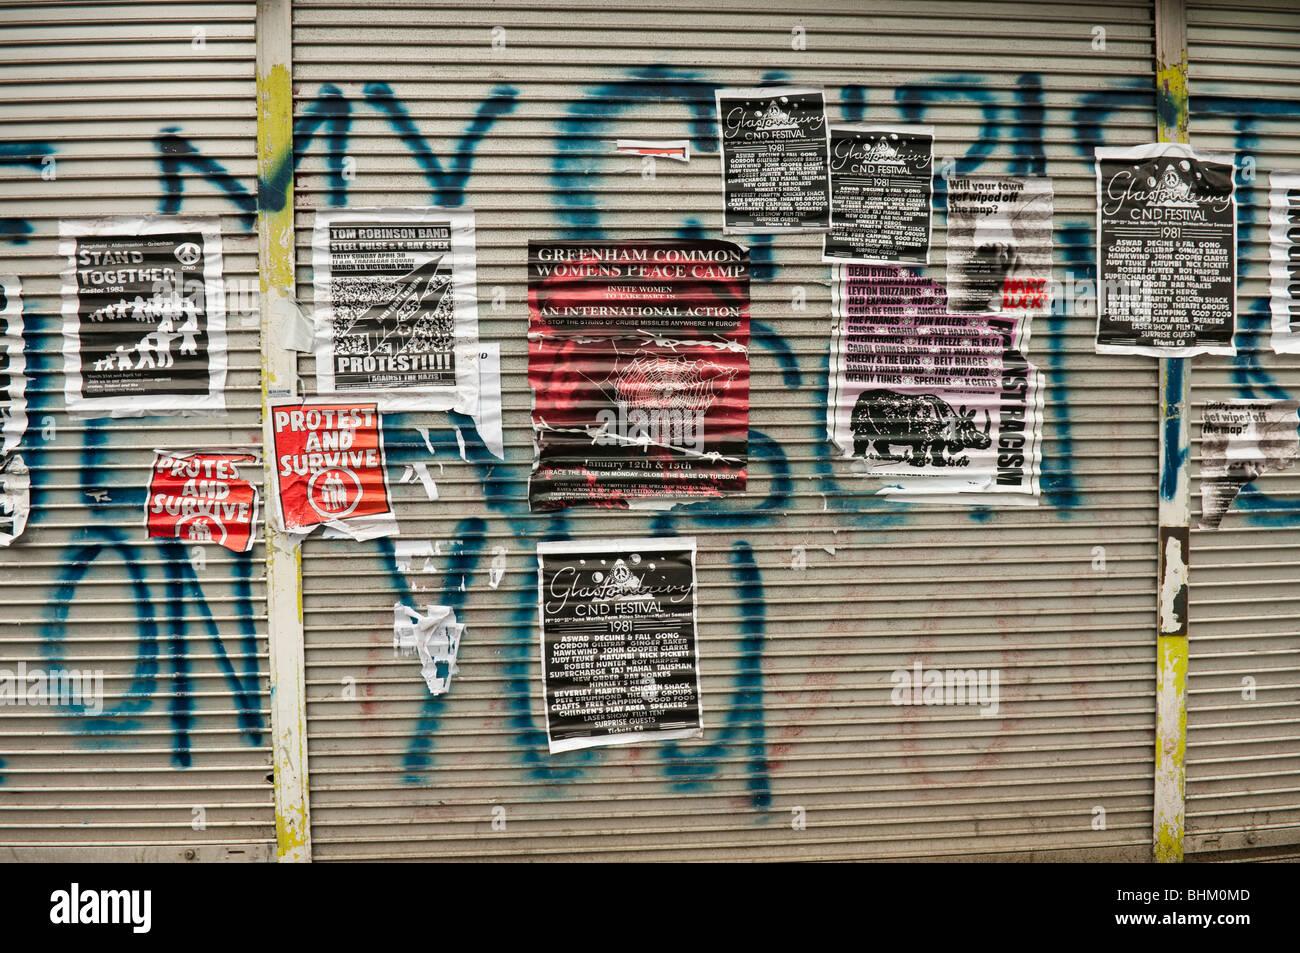 Volar carteles publicidad eventos desde principios de los años ochenta, la CND, marchas de Greenham Common Imagen De Stock